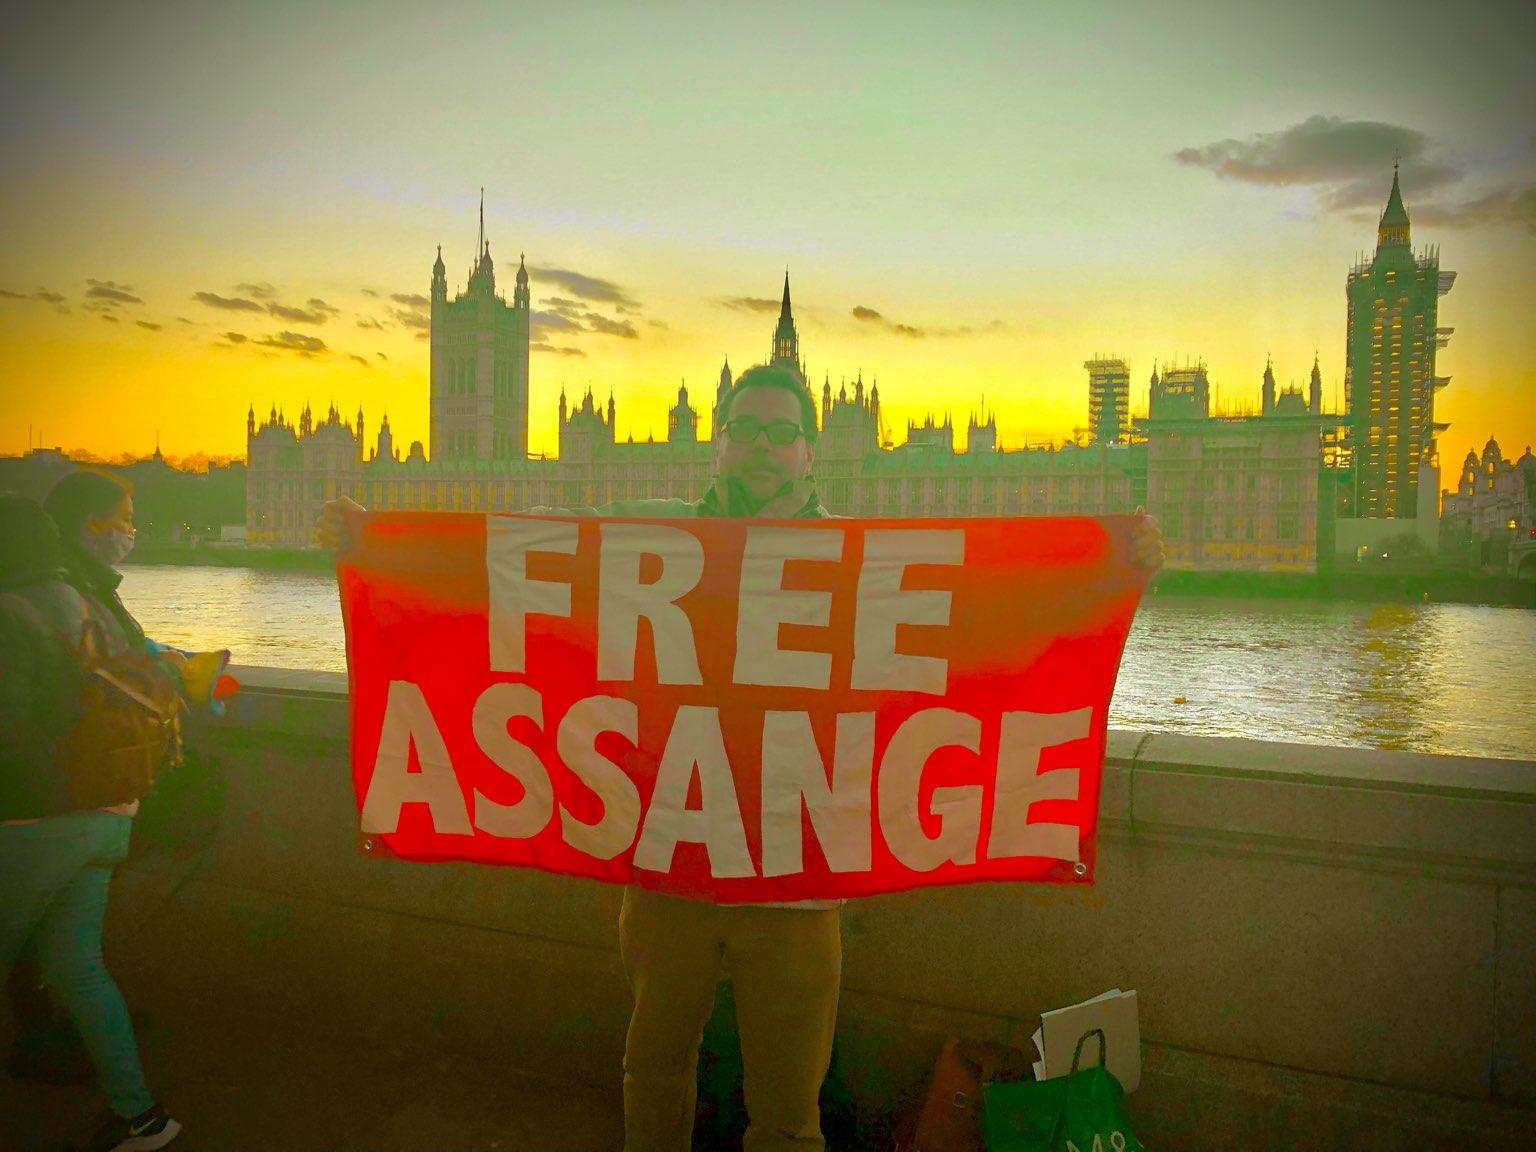 protest_photos:mariosunset.jpg